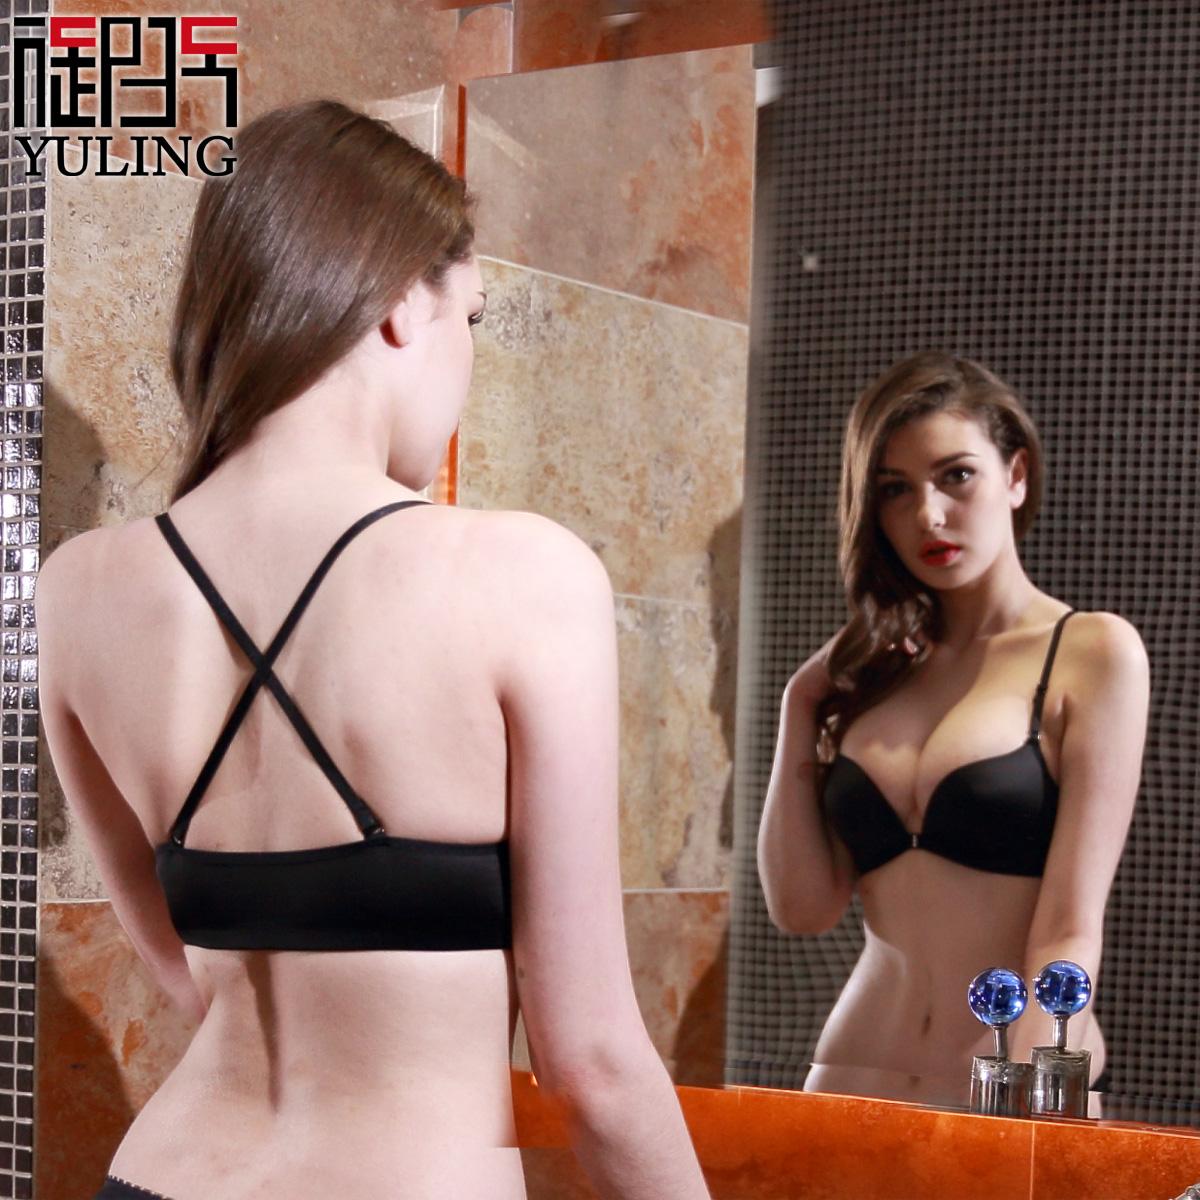 御玲新品 黑色美背内衣小胸加厚聚拢前扣无钢圈光面舒适 性感文胸